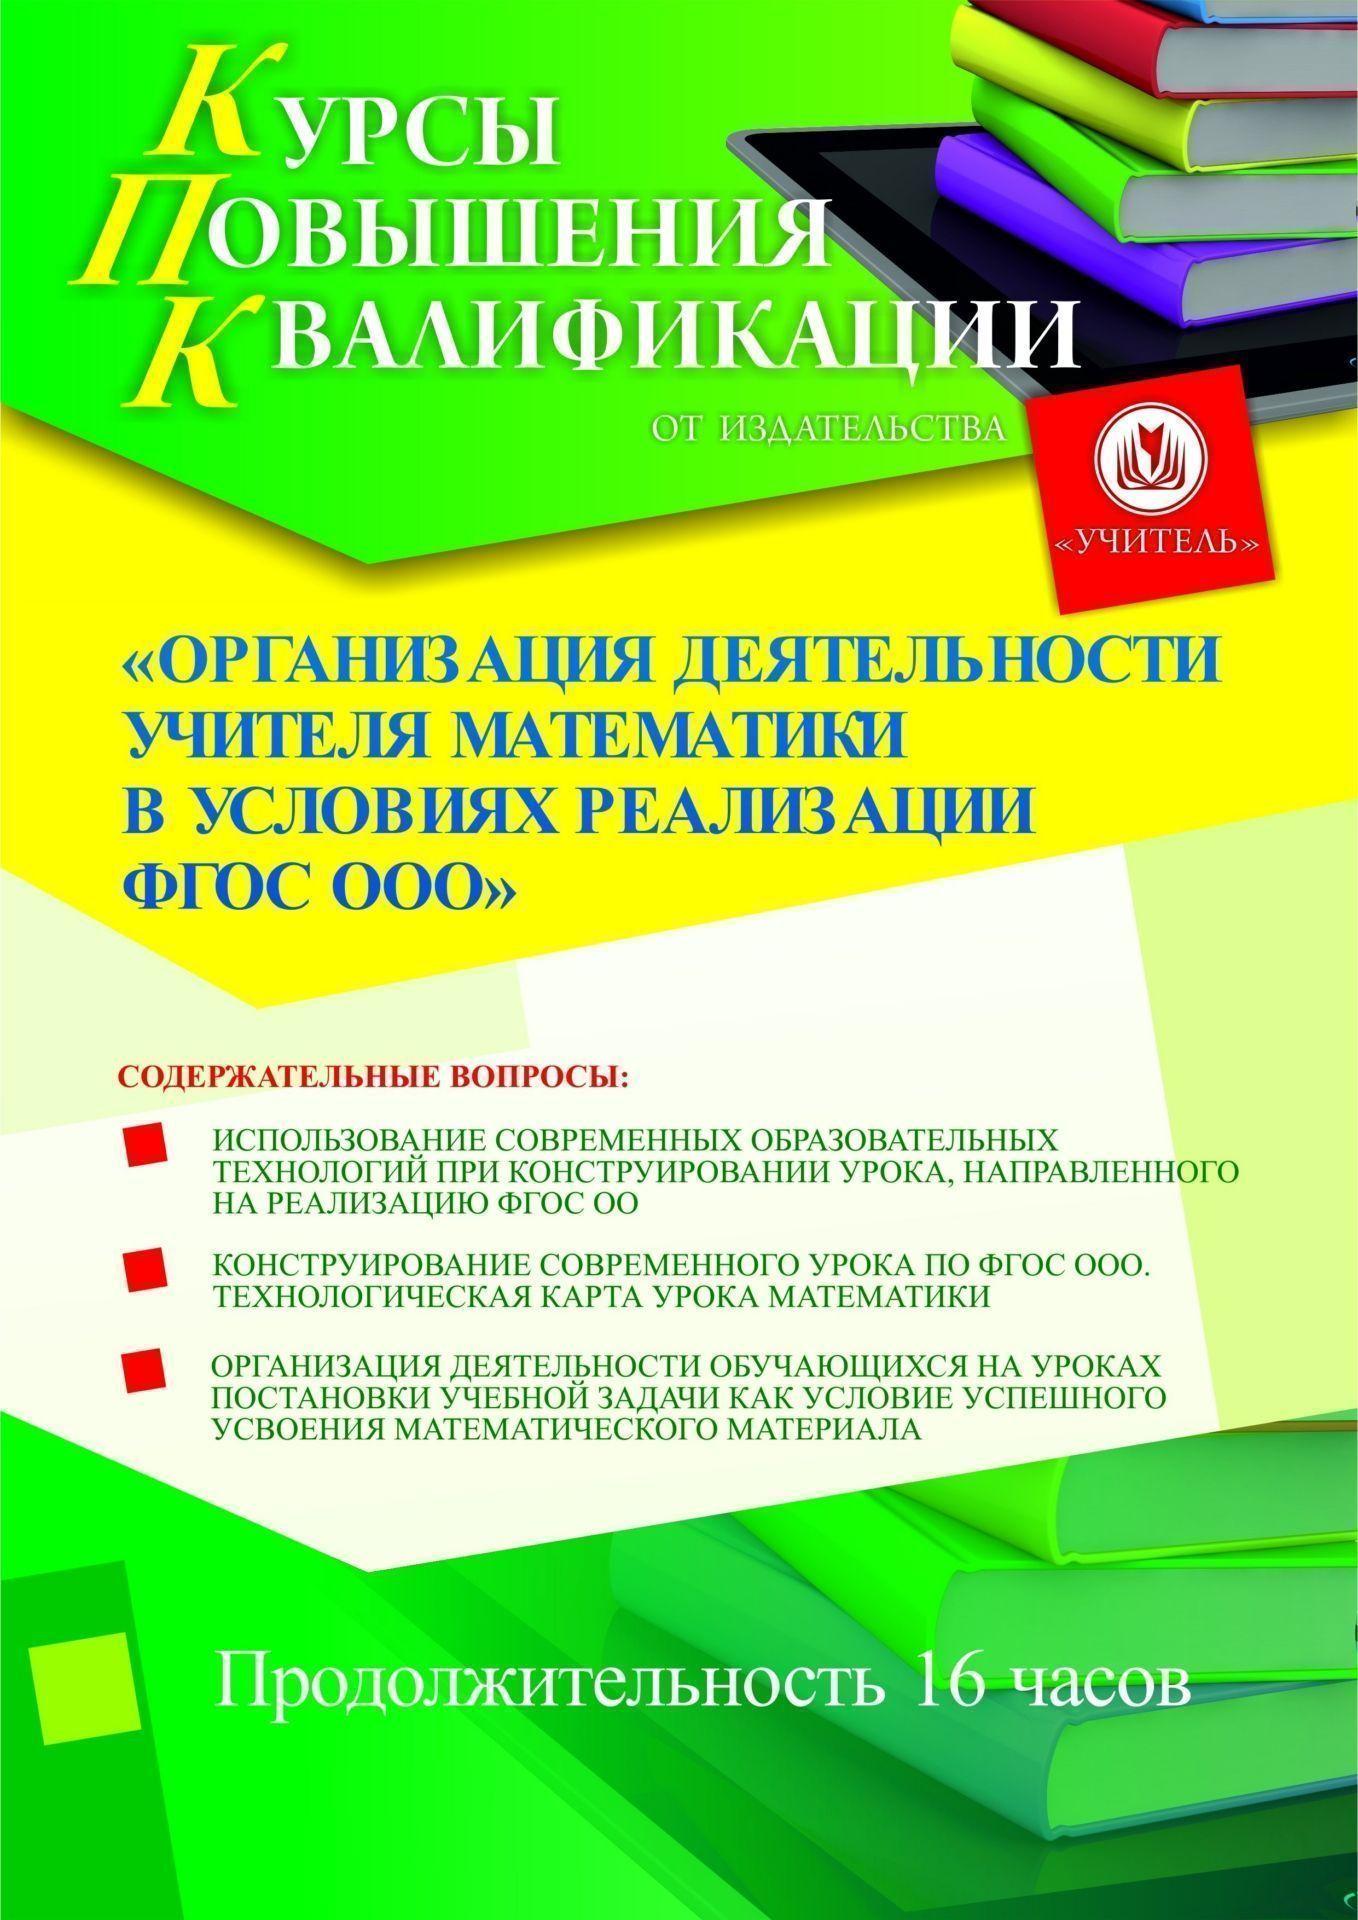 Организация деятельности учителя математики в условиях реализации ФГОС ООО (16 ч.) фото